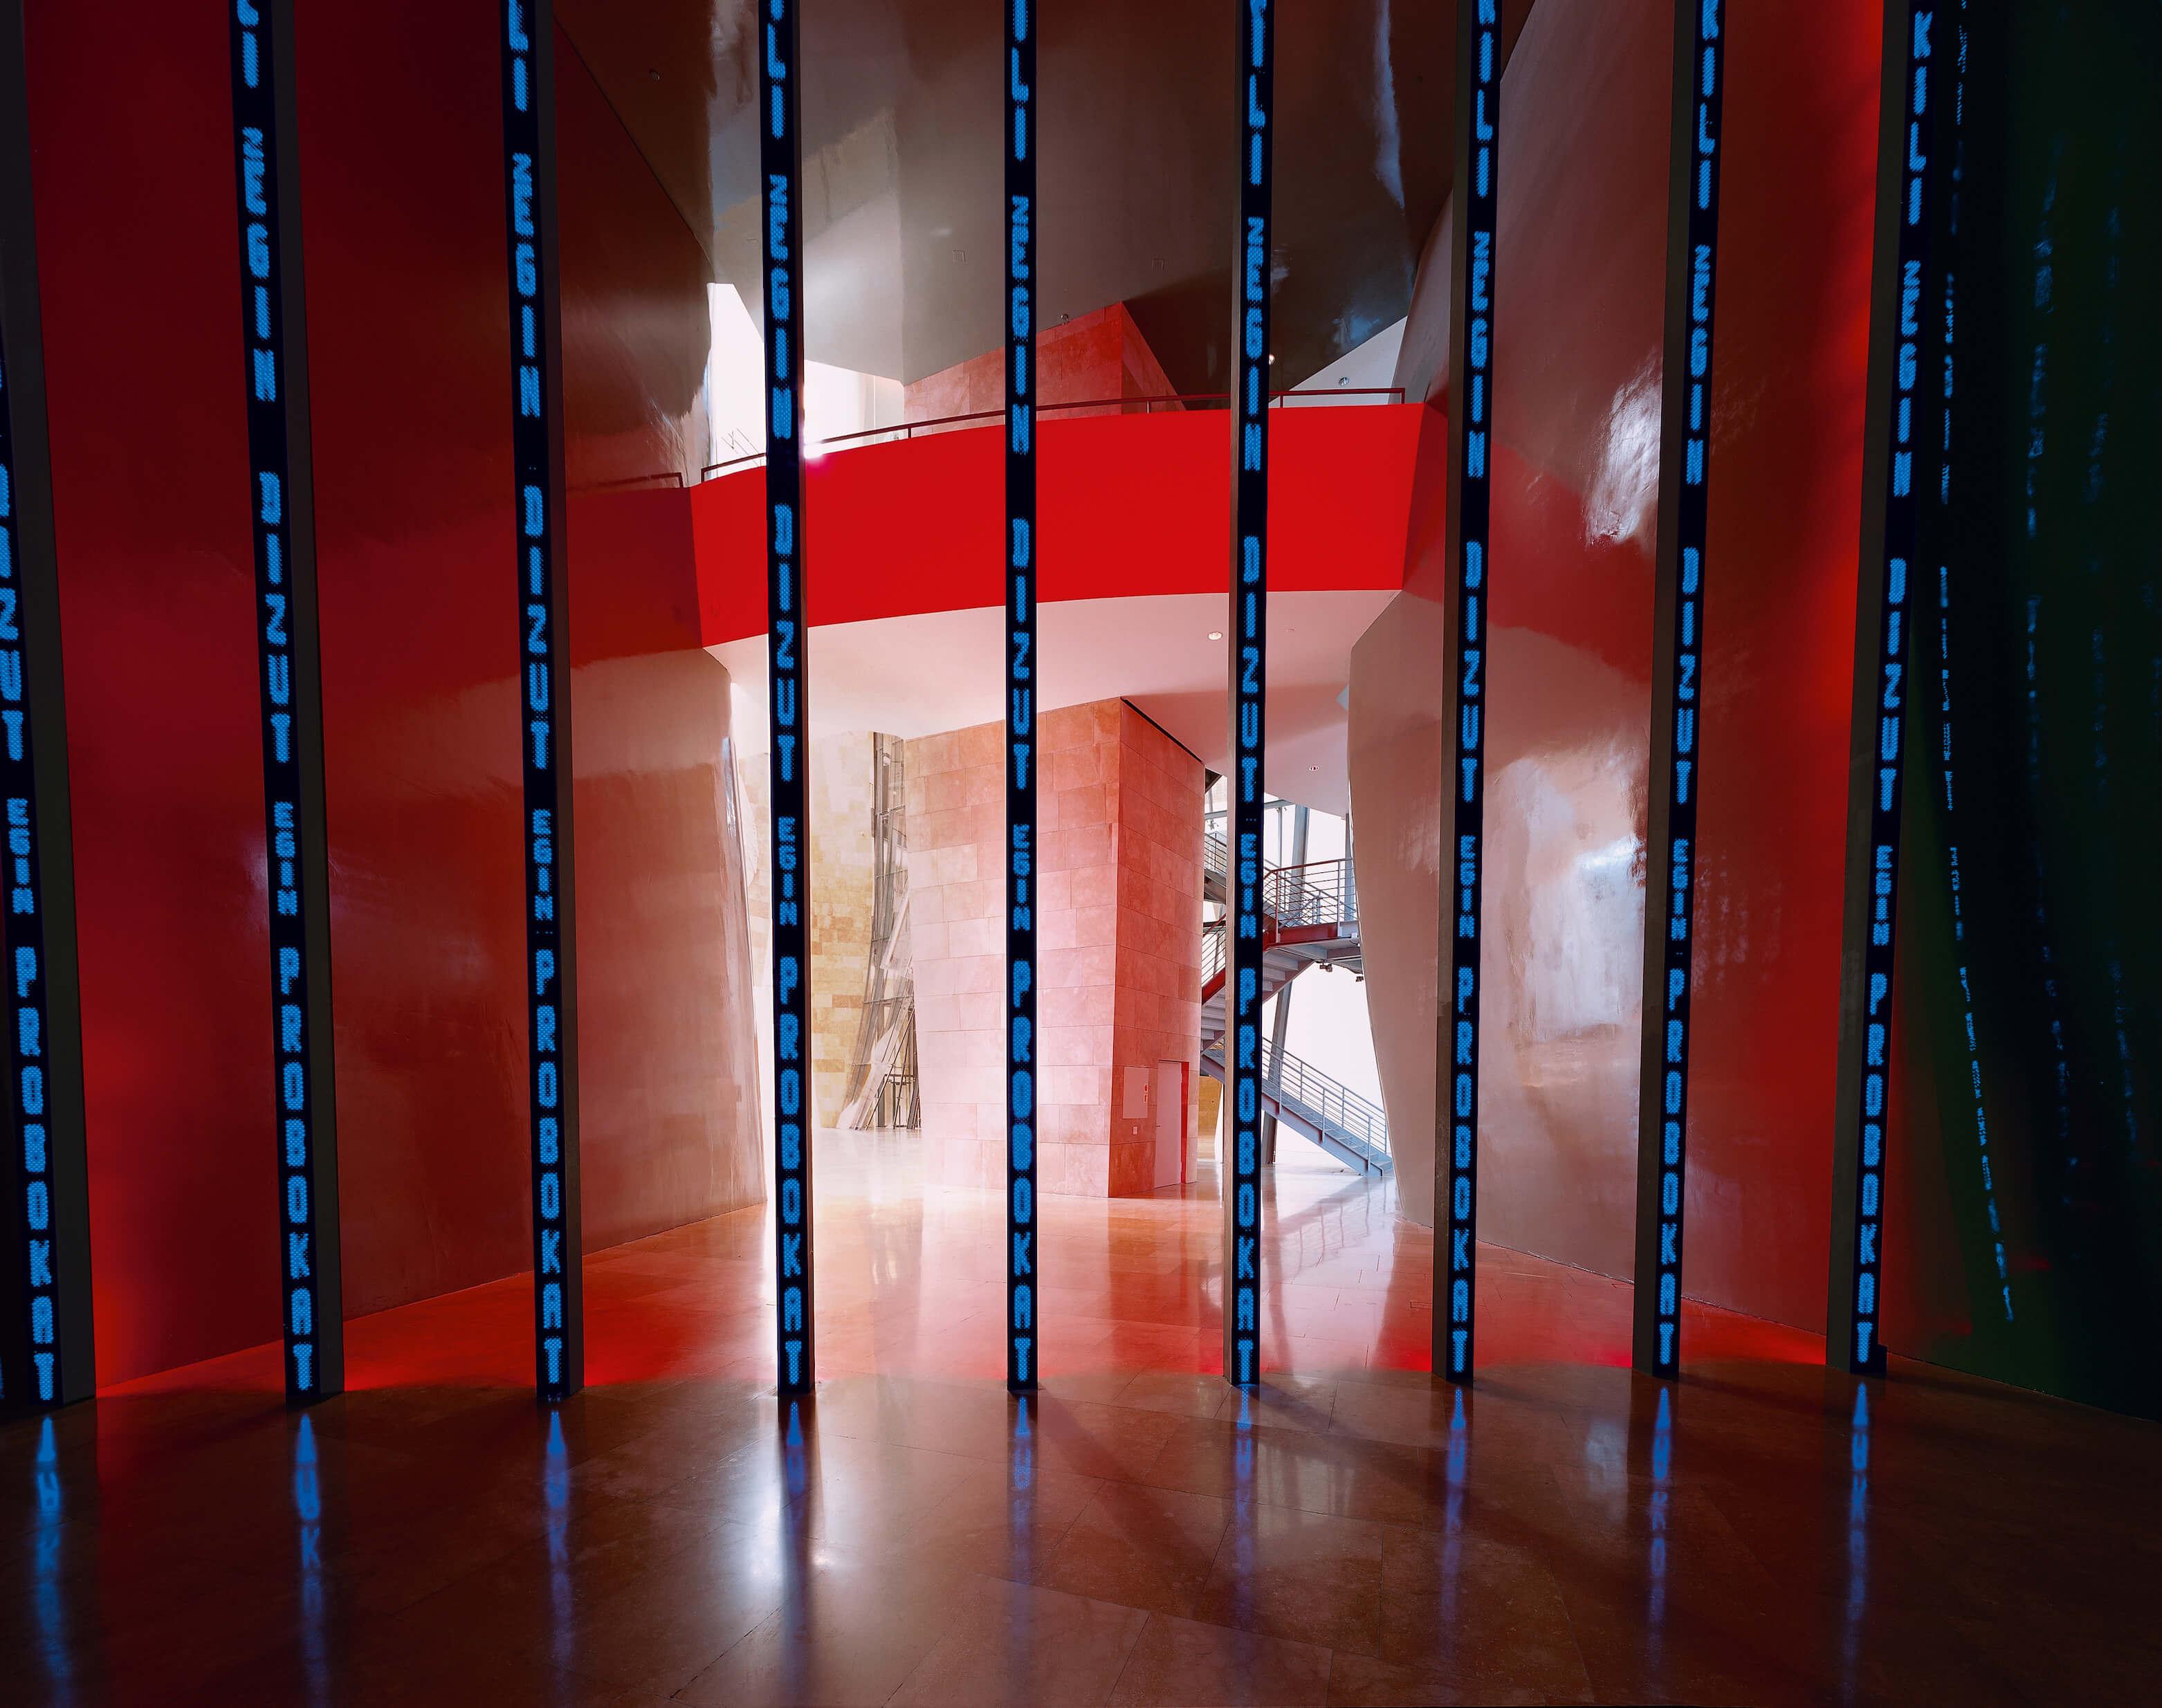 Bilboko instalazioa barrutik | Jenny Holzer | Guggenheim Bilbao Museoa